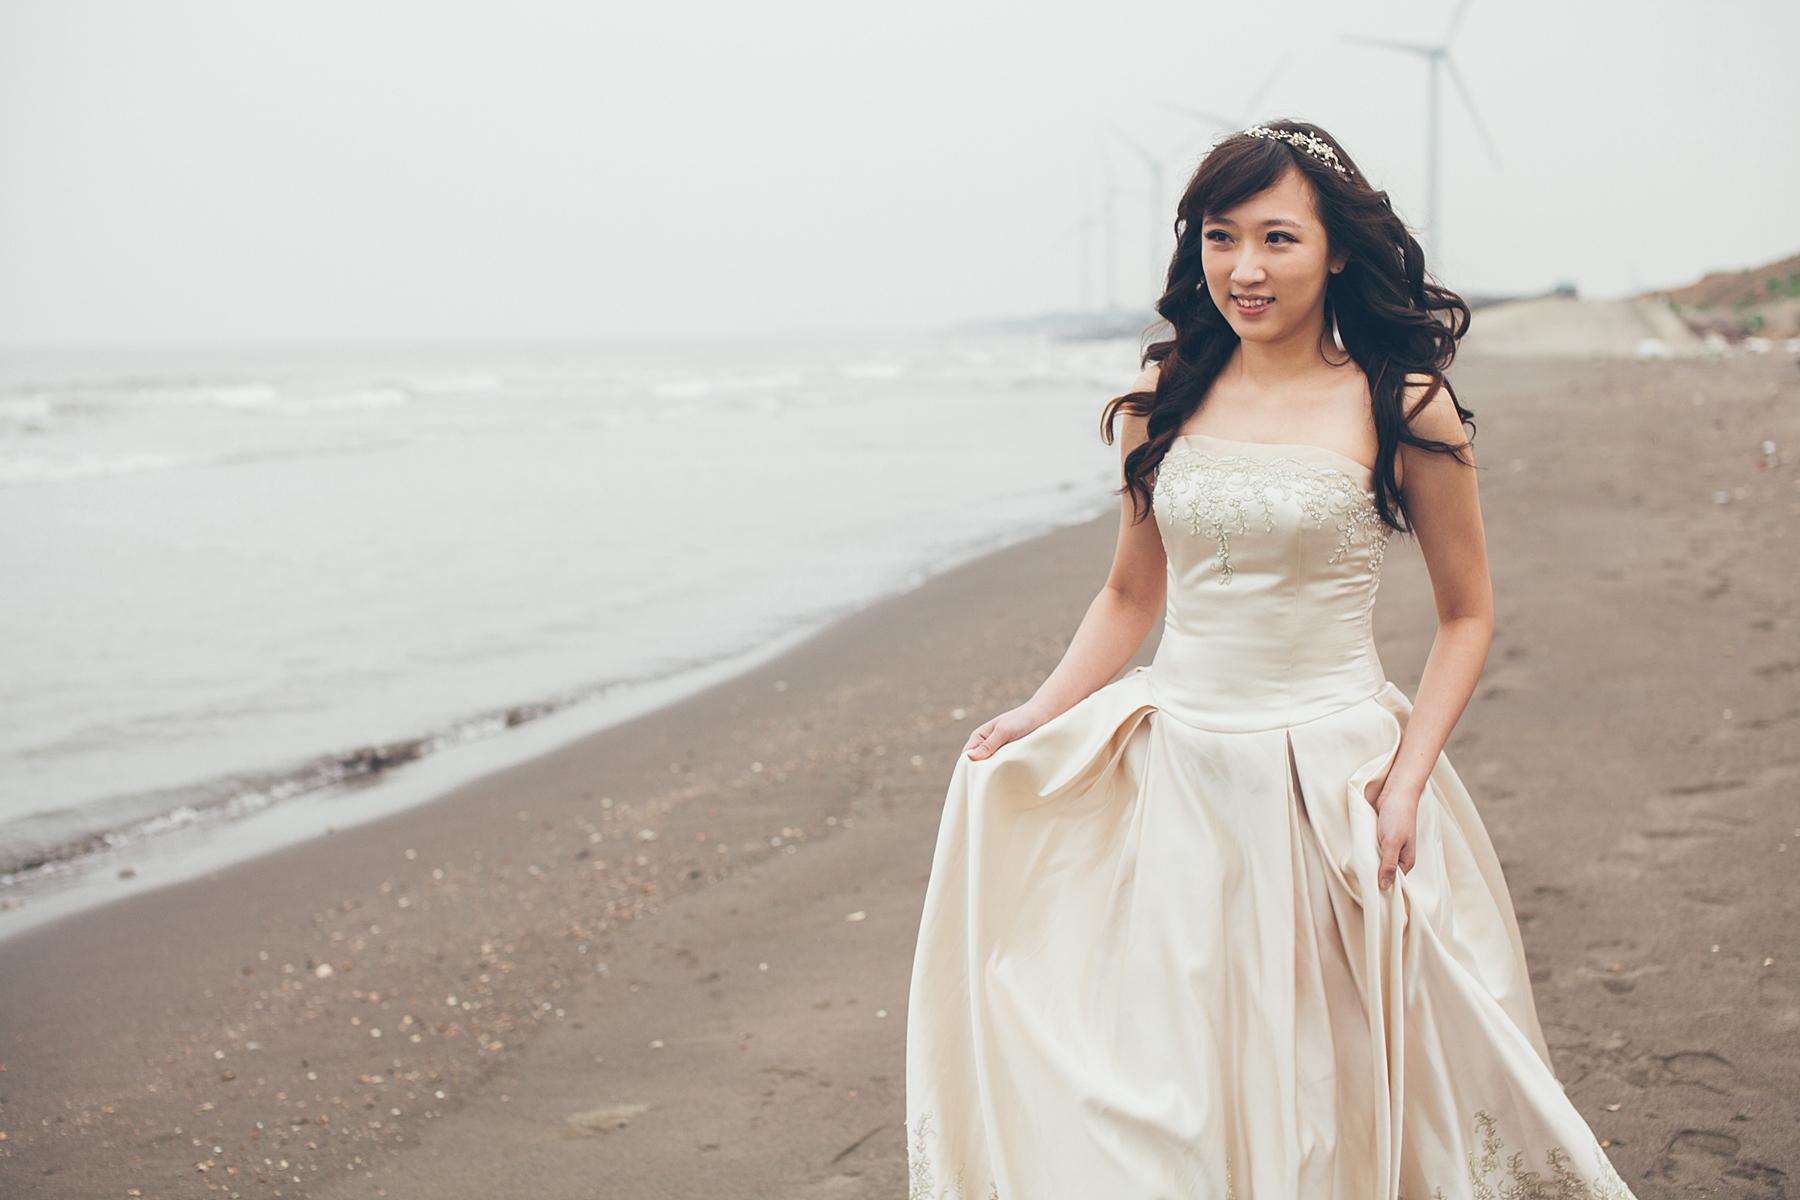 自助婚紗,婚紗攝影,自主婚紗,桃園,桃園國際機場,底片風格,自然